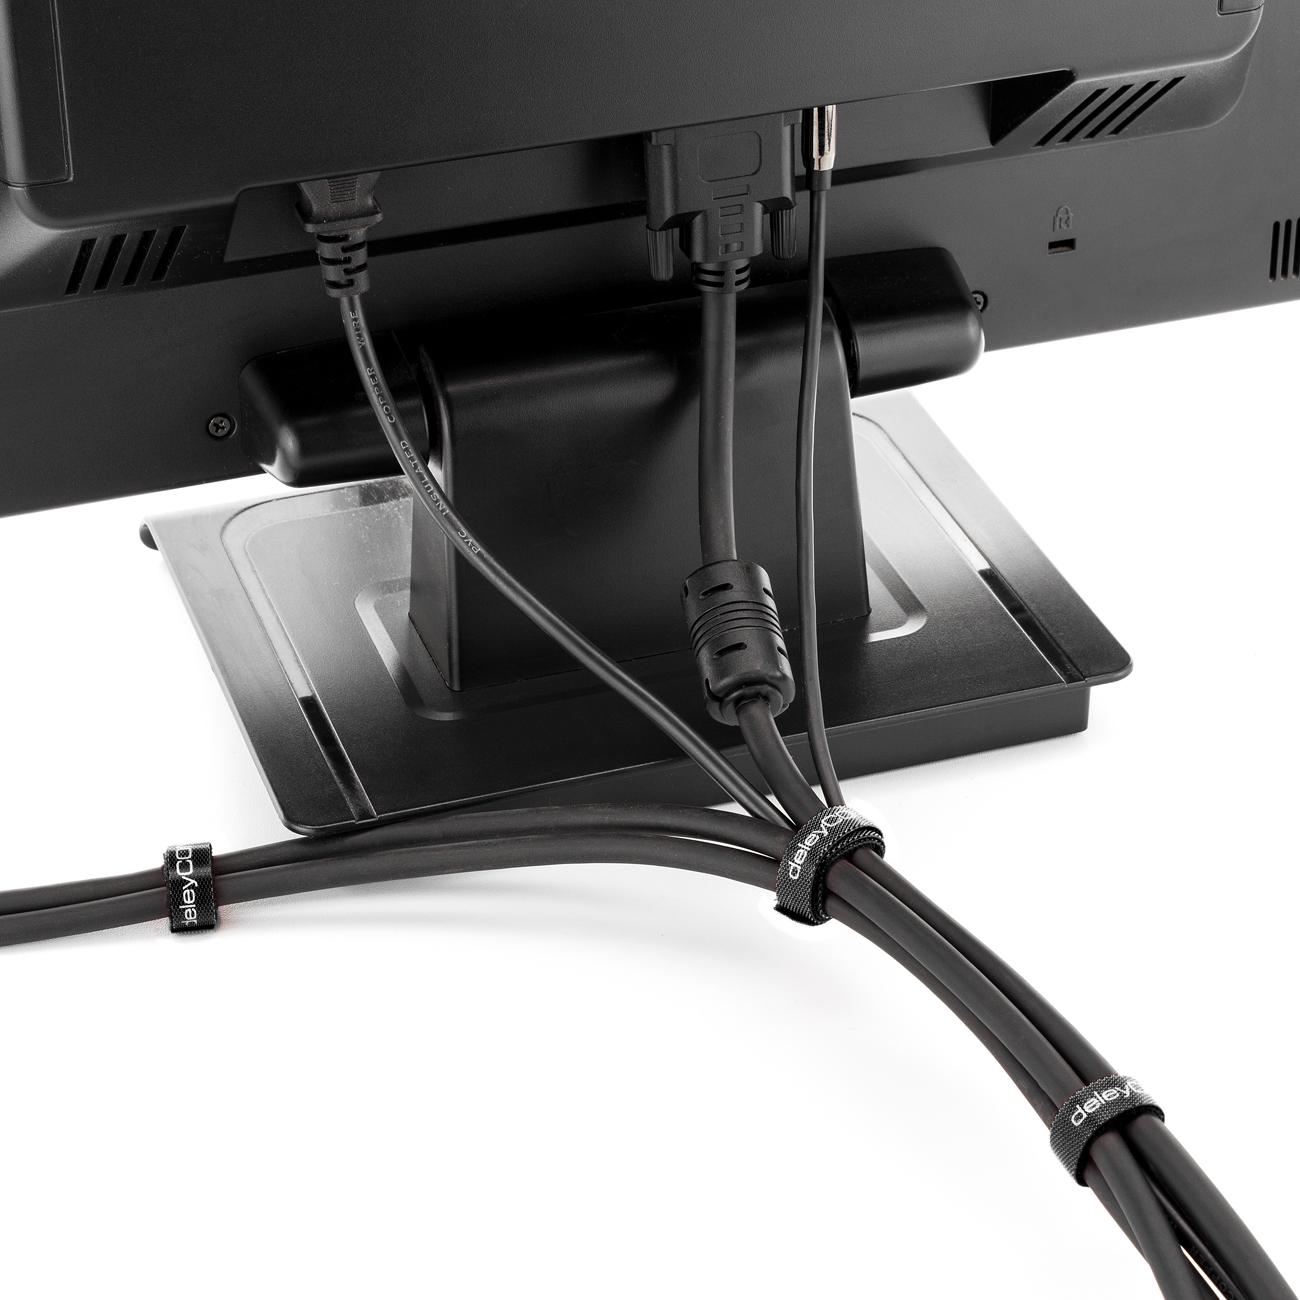 deleycon 50x klett kabelbinder kabel band klettband klettbinder klettverschluss ebay. Black Bedroom Furniture Sets. Home Design Ideas